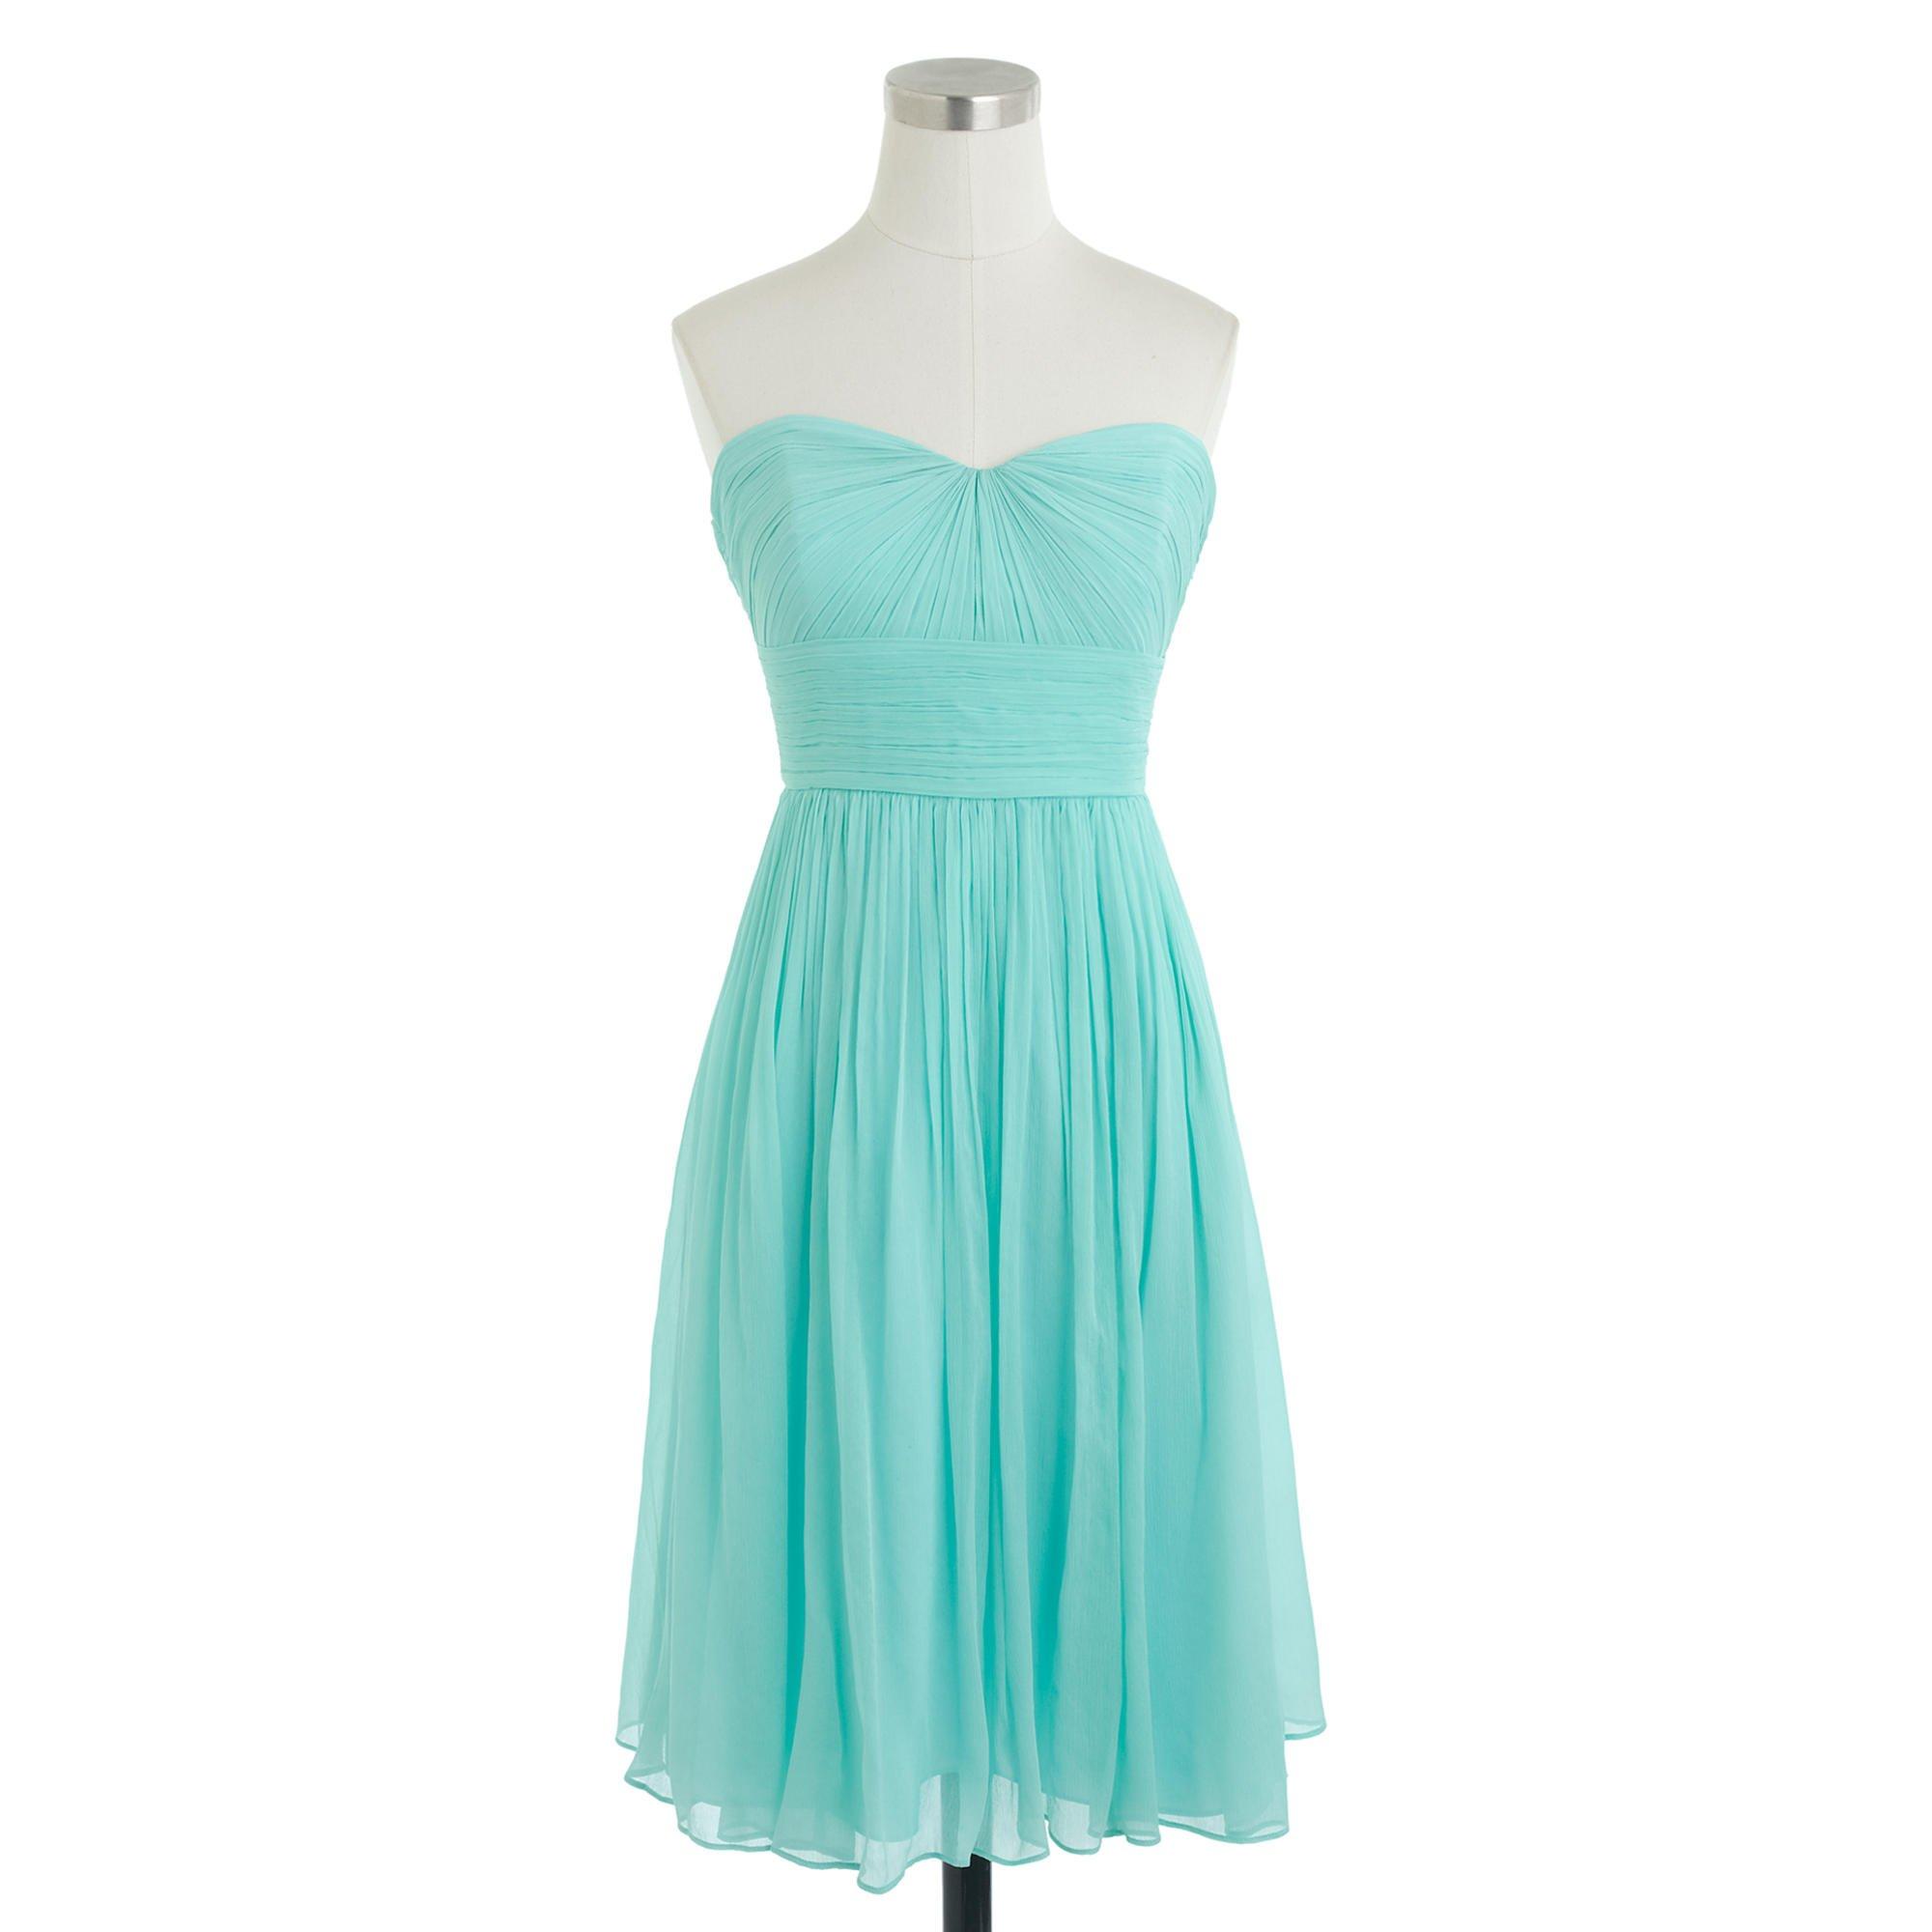 J.crew Marbella Strapless Dress In Silk Chiffon in Blue  Lyst